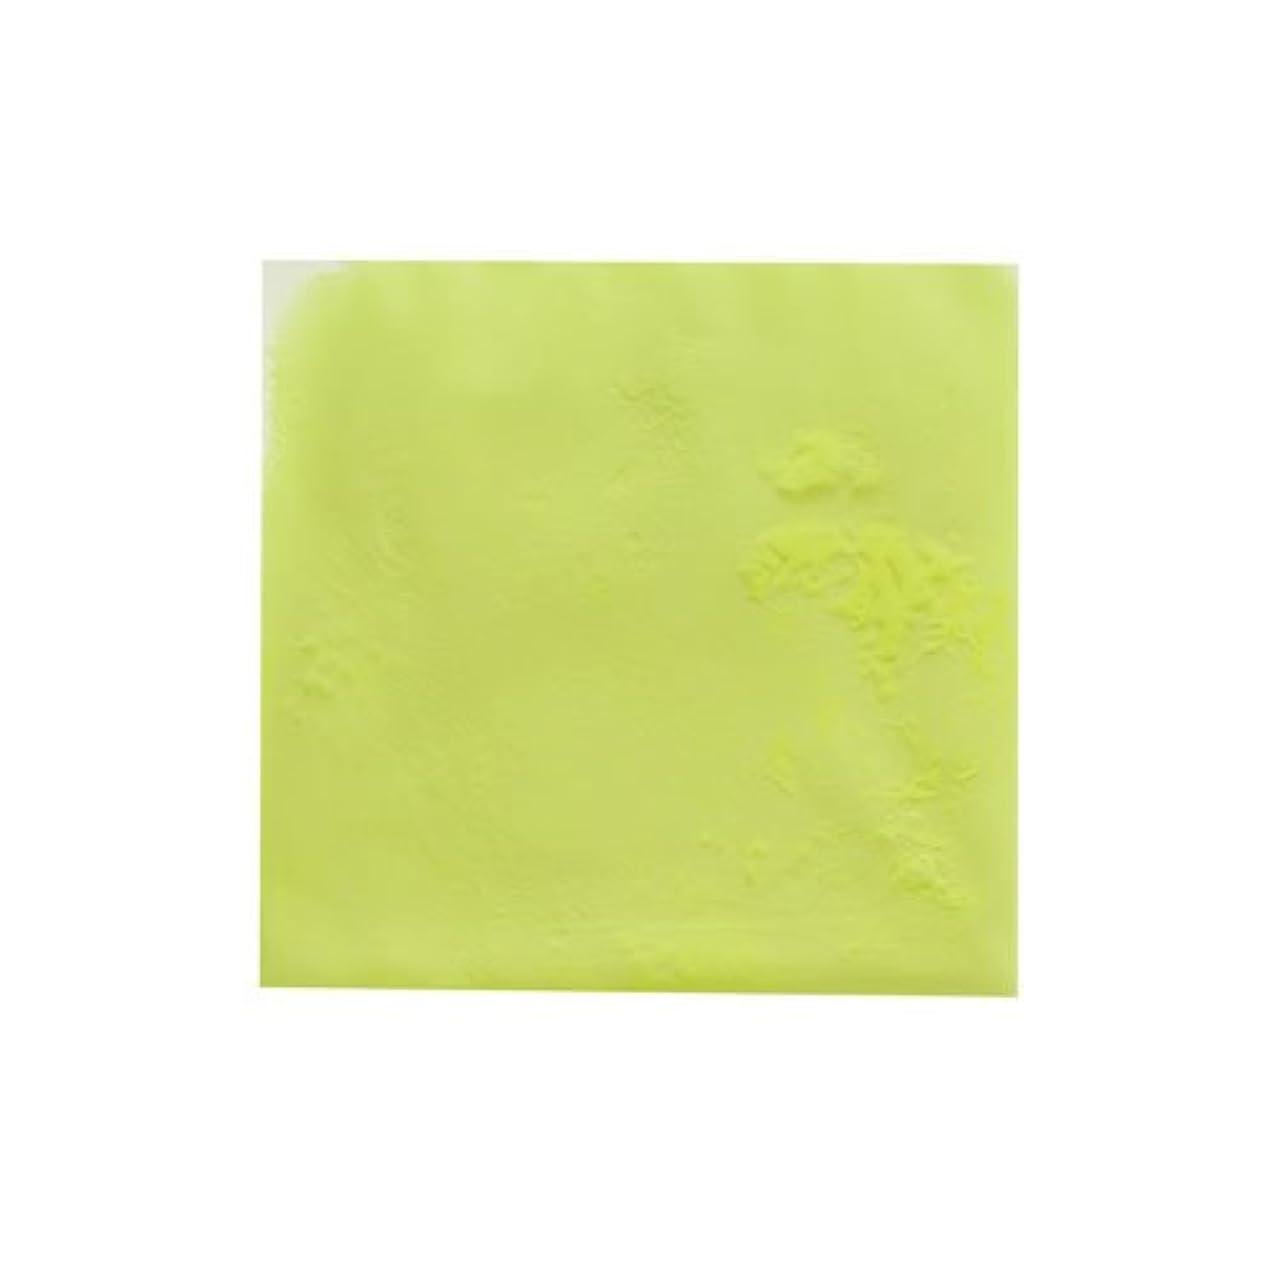 排他的地震ブラザーピカエース ネイル用パウダー ピカエース 夜光顔料 蓄光性 #105 レモン 3g アート材